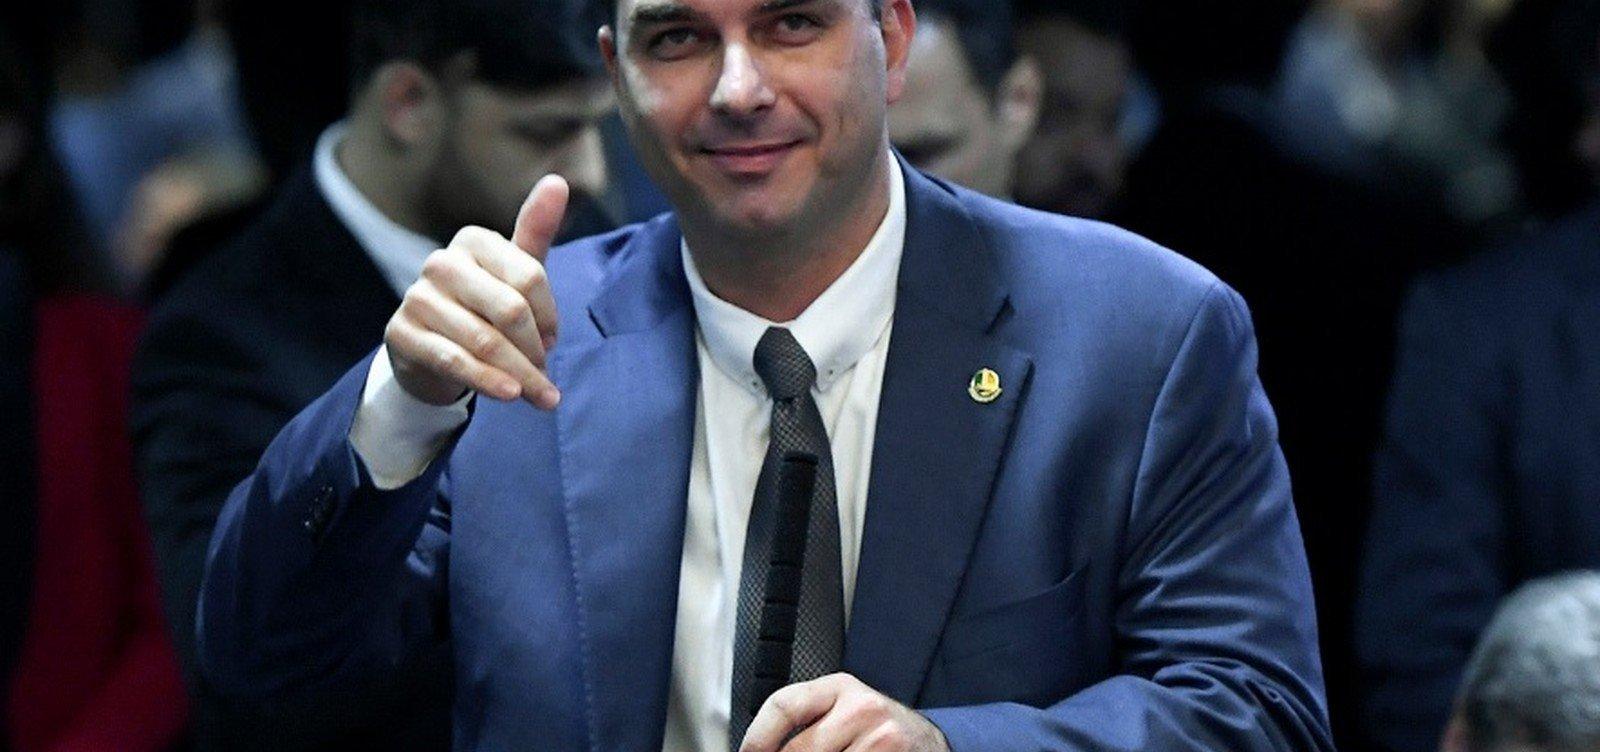 [Flávio Bolsonaro é investigado pelo núcleo de combate à corrupção do MPF no RJ]